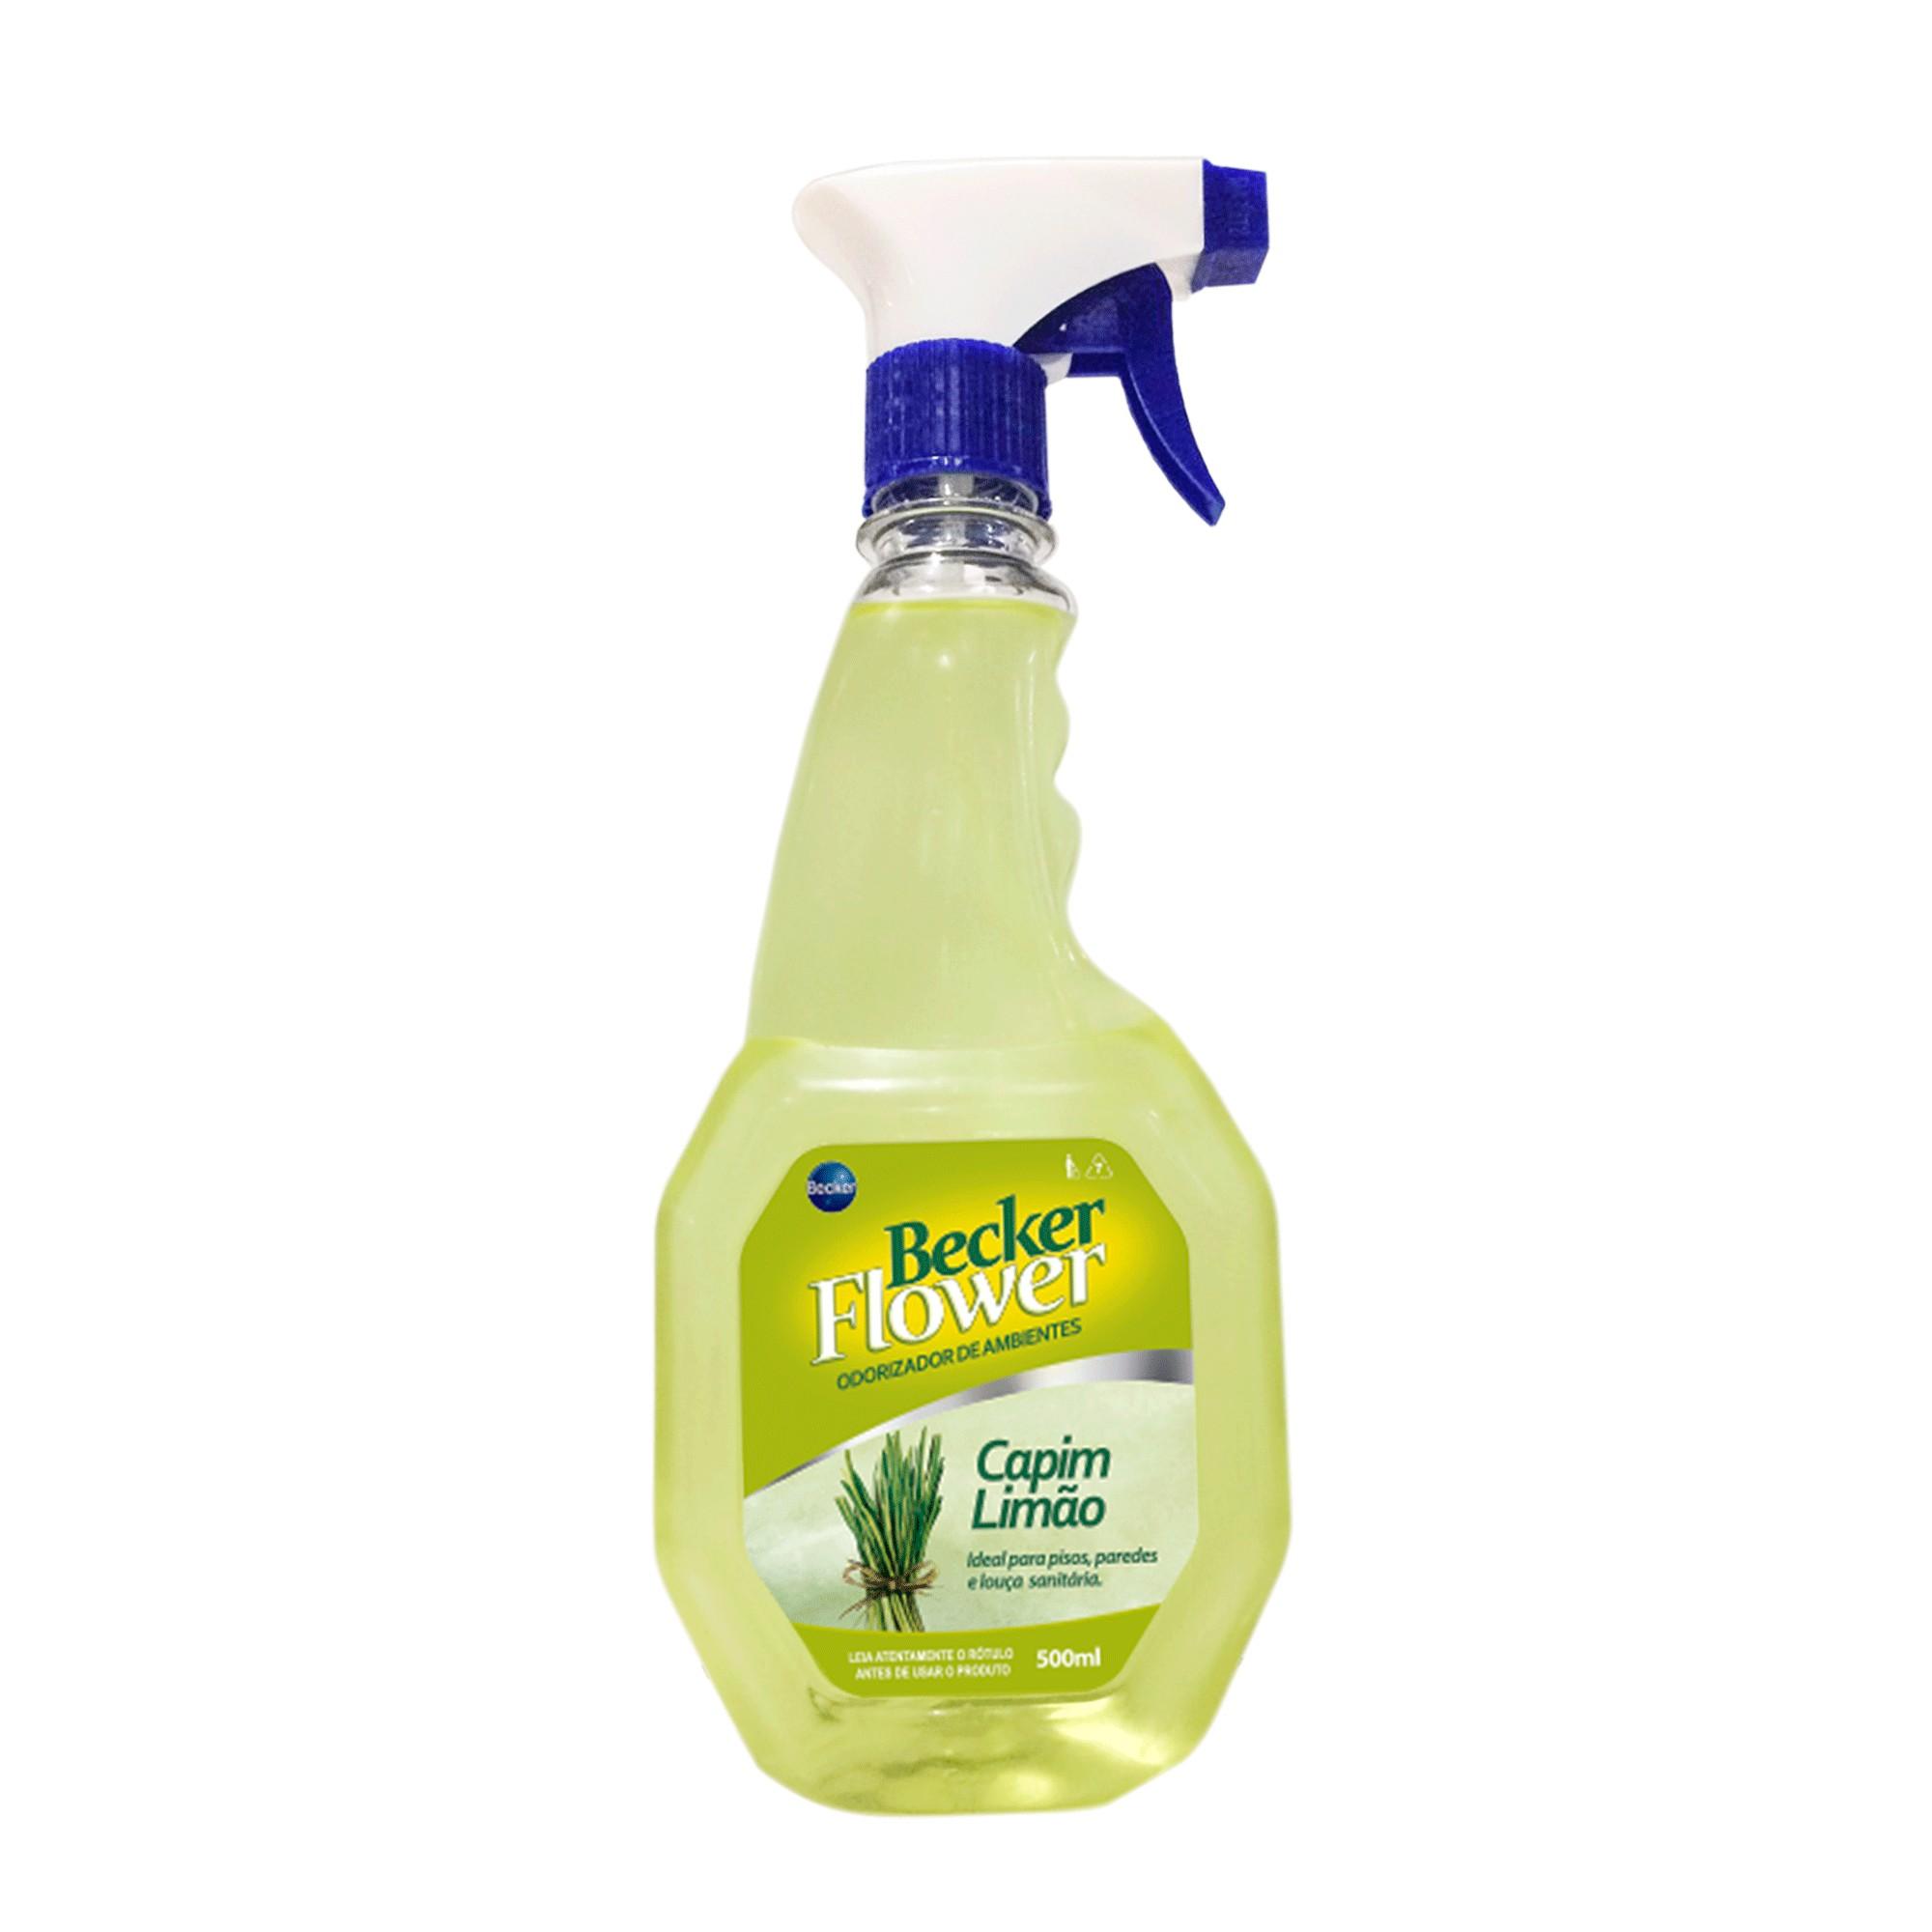 Odorizador de Ambientes Capim Limao 500ml - Becker